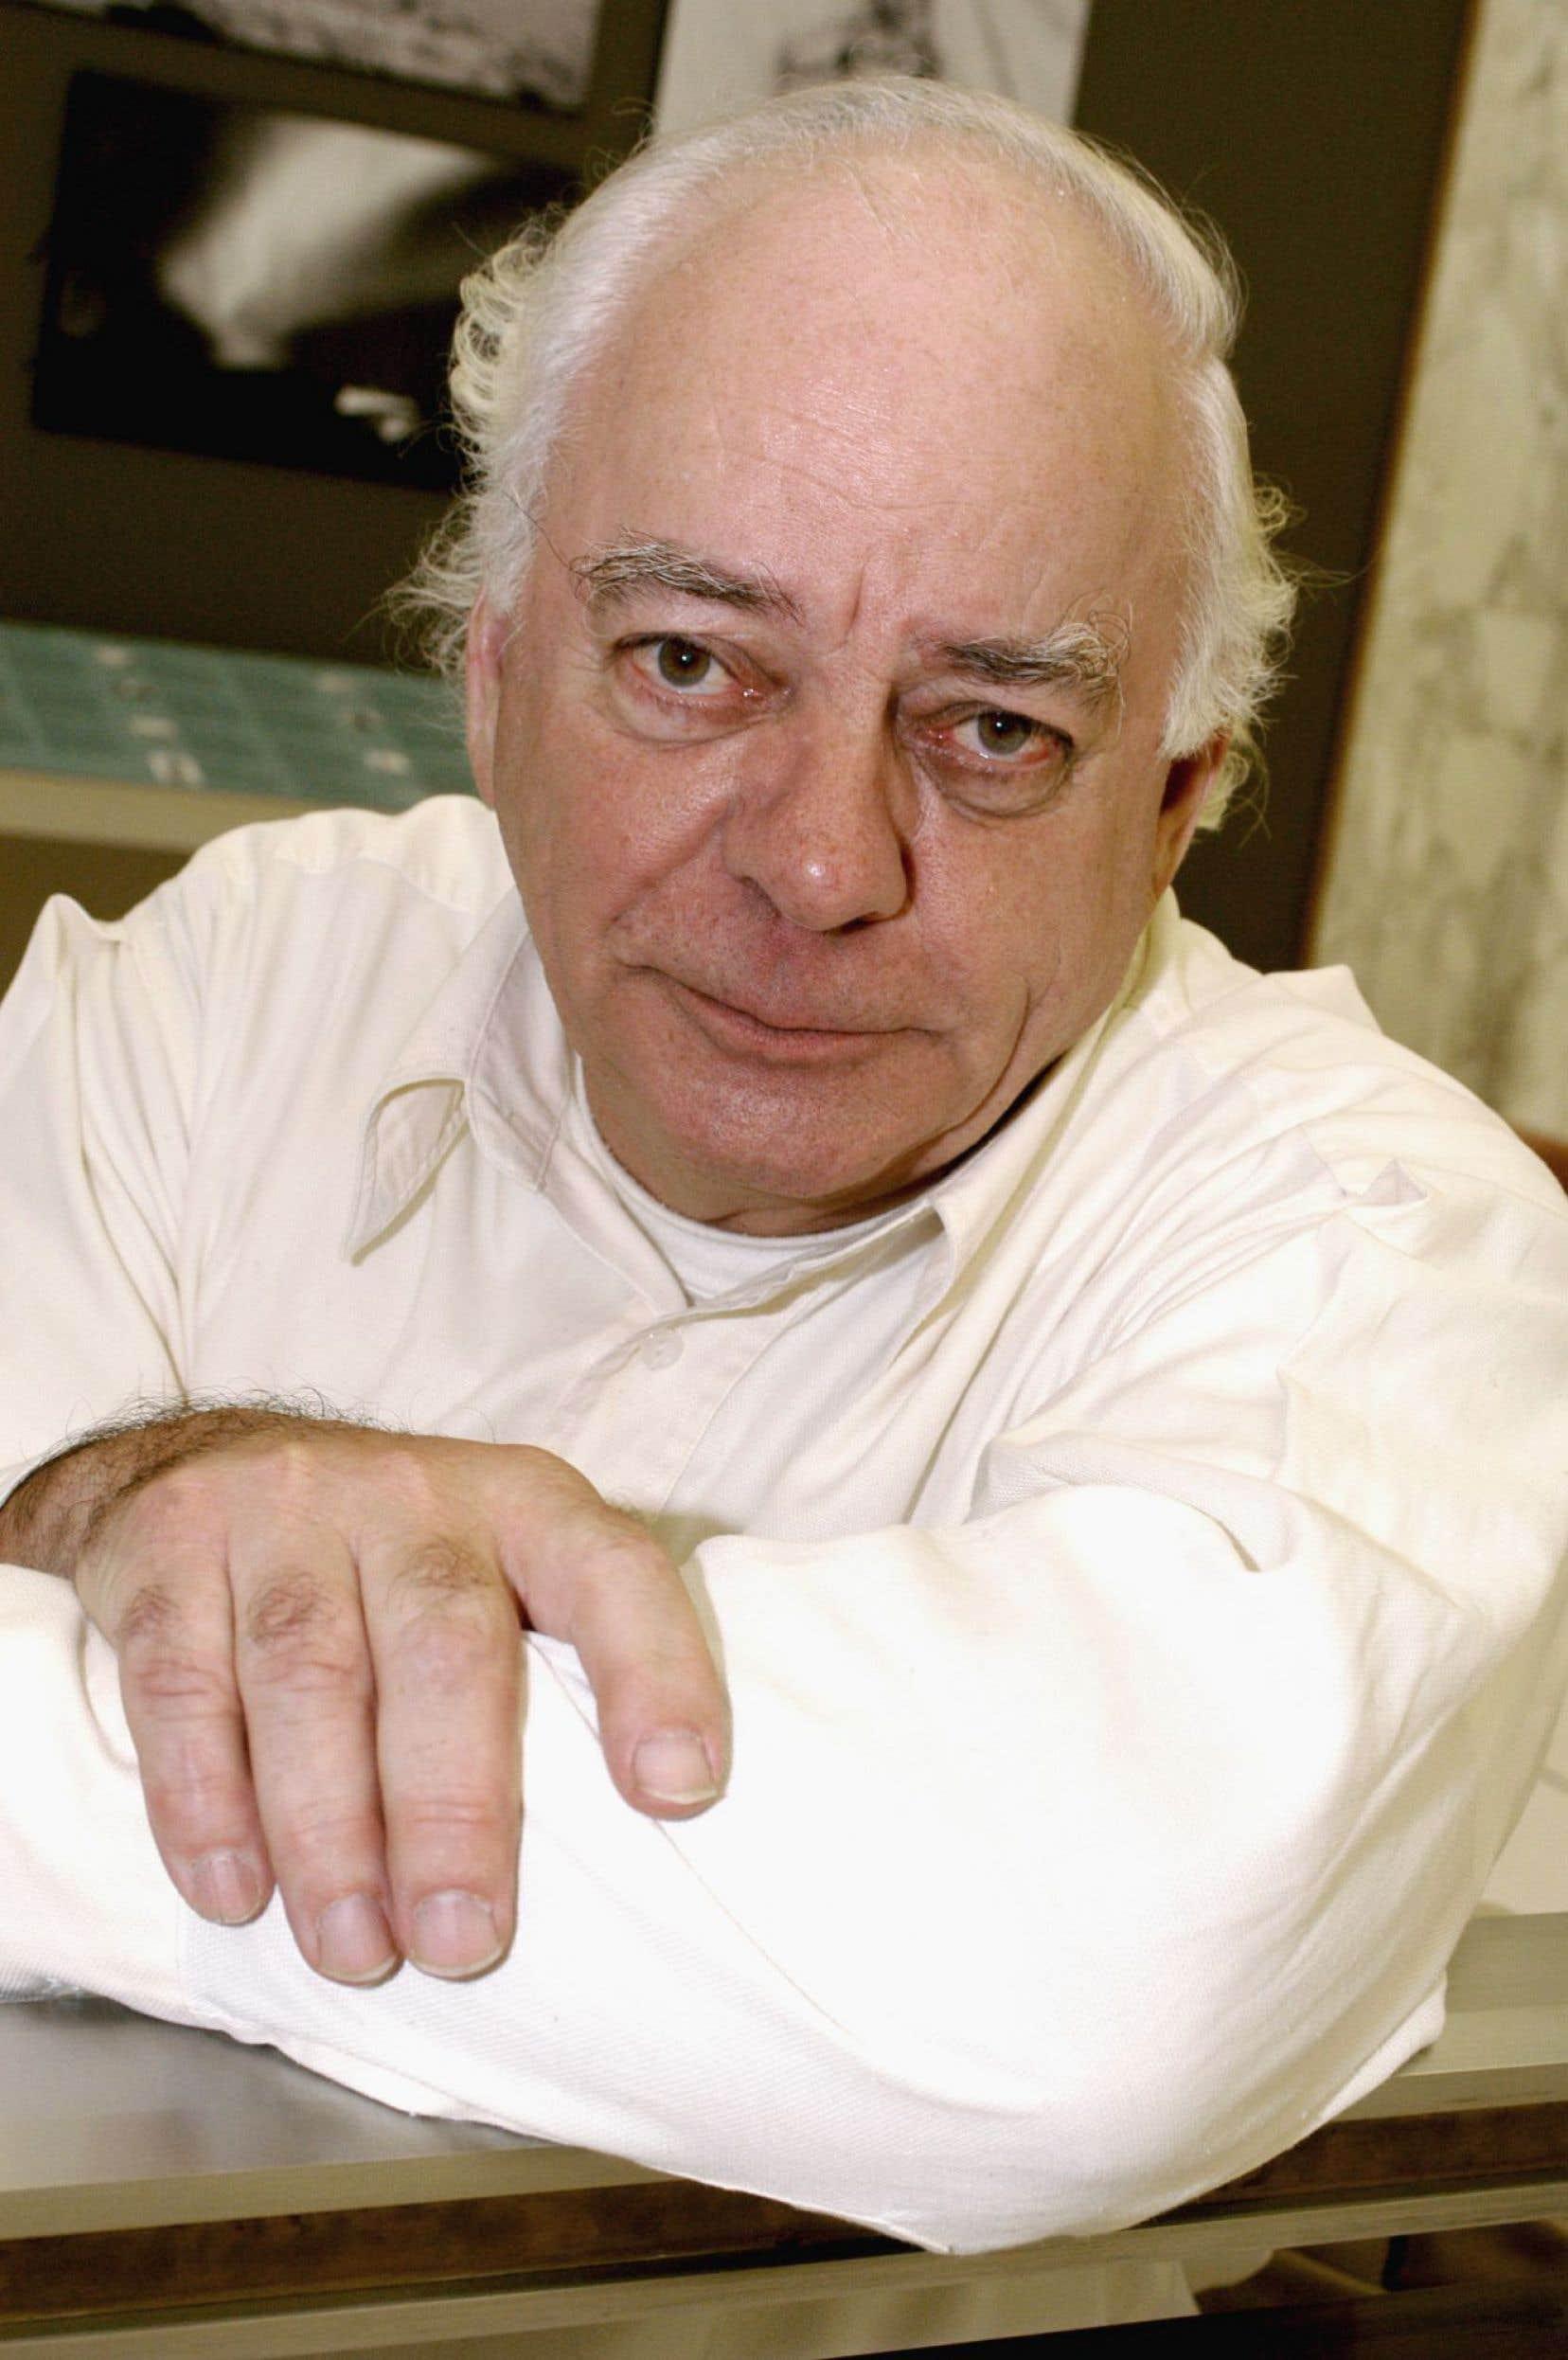 Dès 1973, et jusqu'en 2012, Laurent Laplante a publié plus d'une vingtaine d'essais, sur différents sujets de société, dont la justice, le vieillissement, le journalisme et la démocratie.